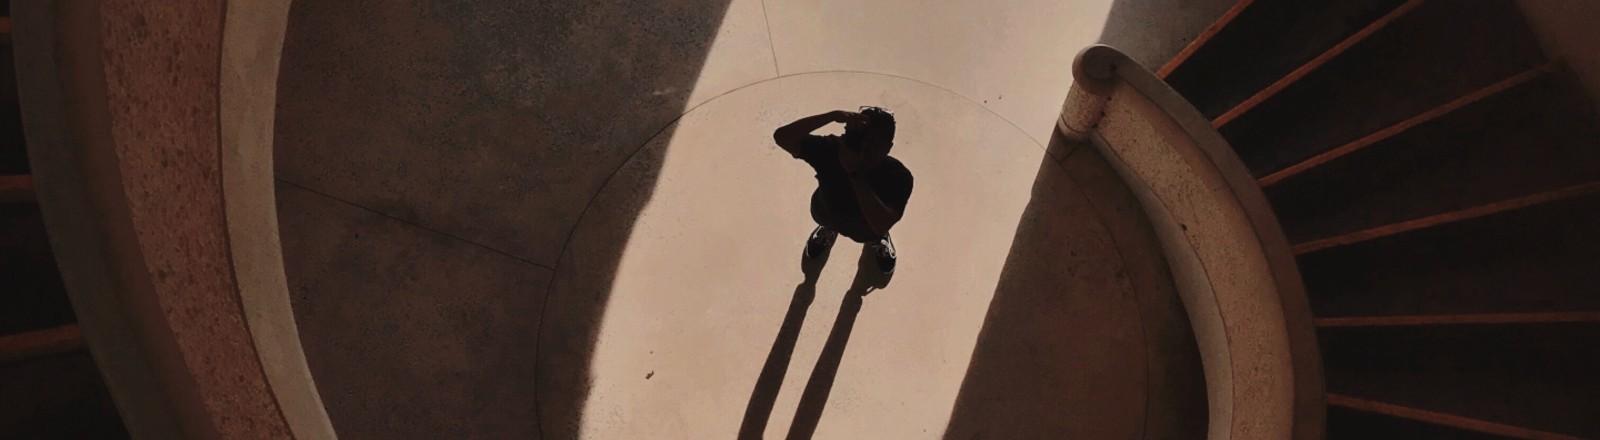 EIne runde Treppe, Schatten, Licht von draußen, ein Mensch steht in der Mitte.